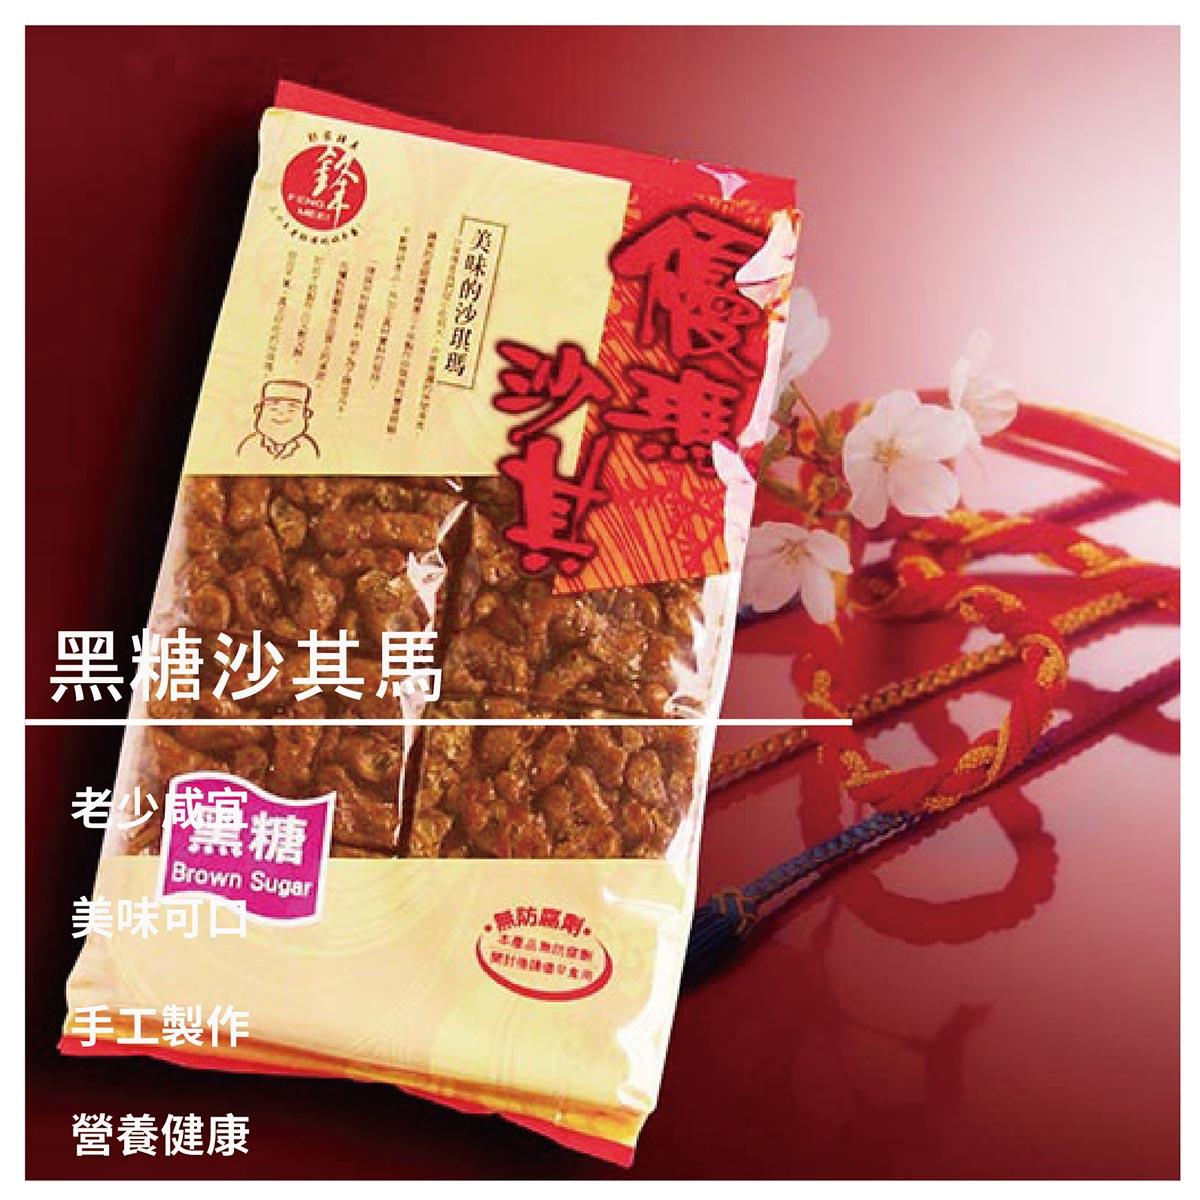 【鋒美食品】黑糖沙其馬/沙其瑪/沙琪瑪10入裝